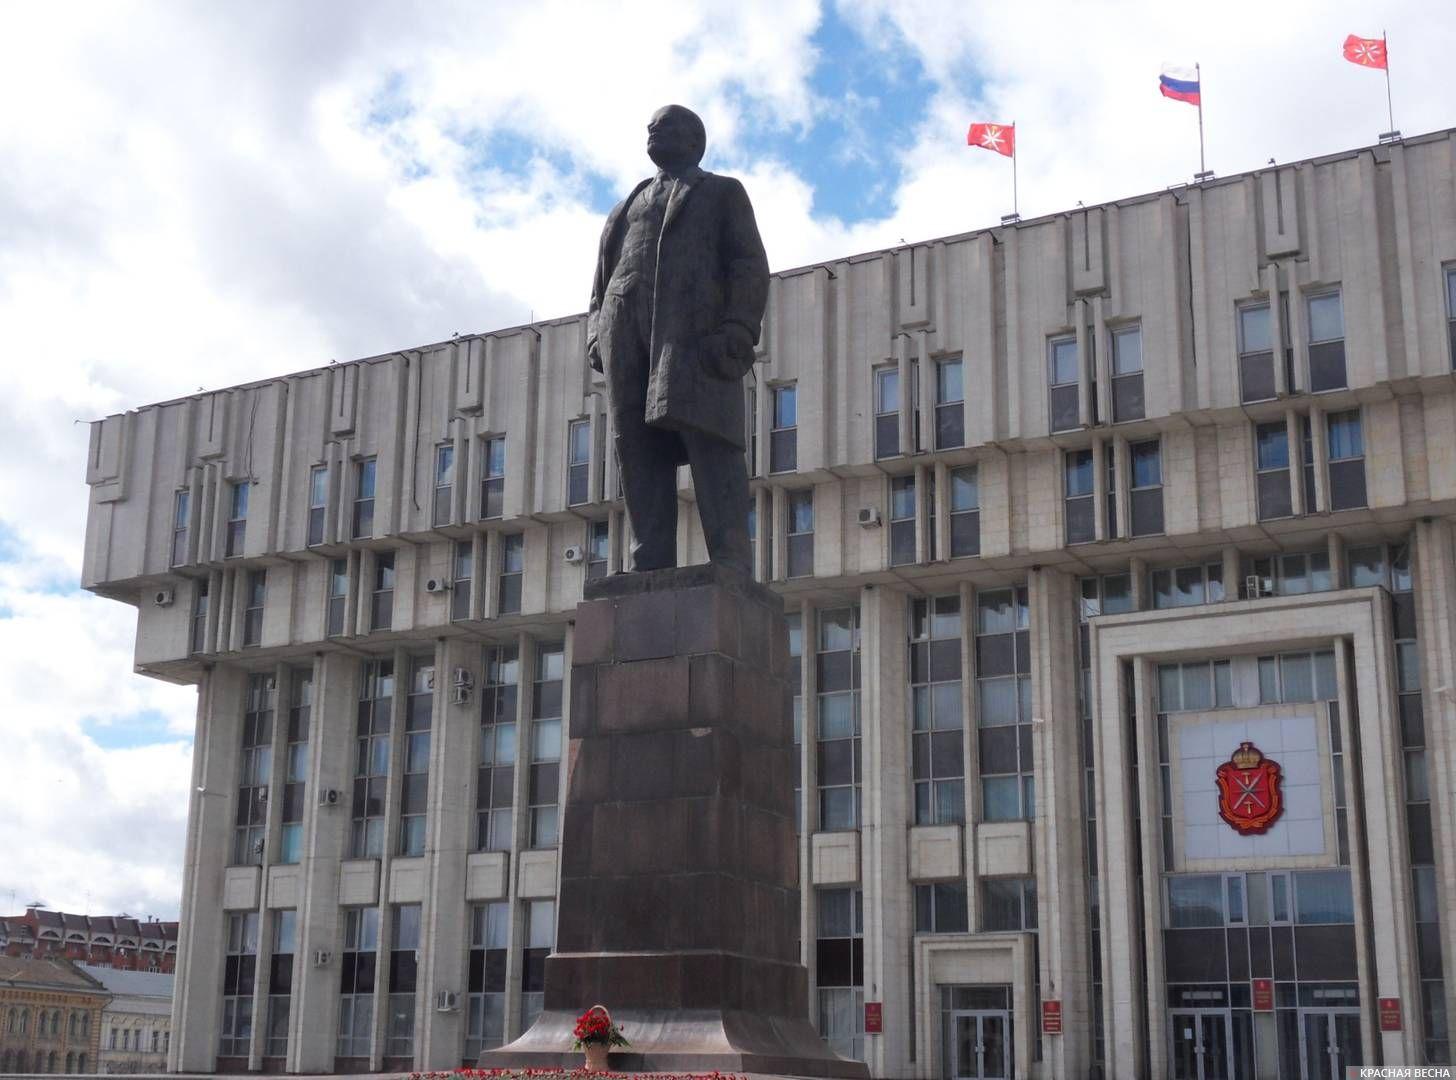 Тула. Памятник Ленину на центральной площади города - площади Ленина.